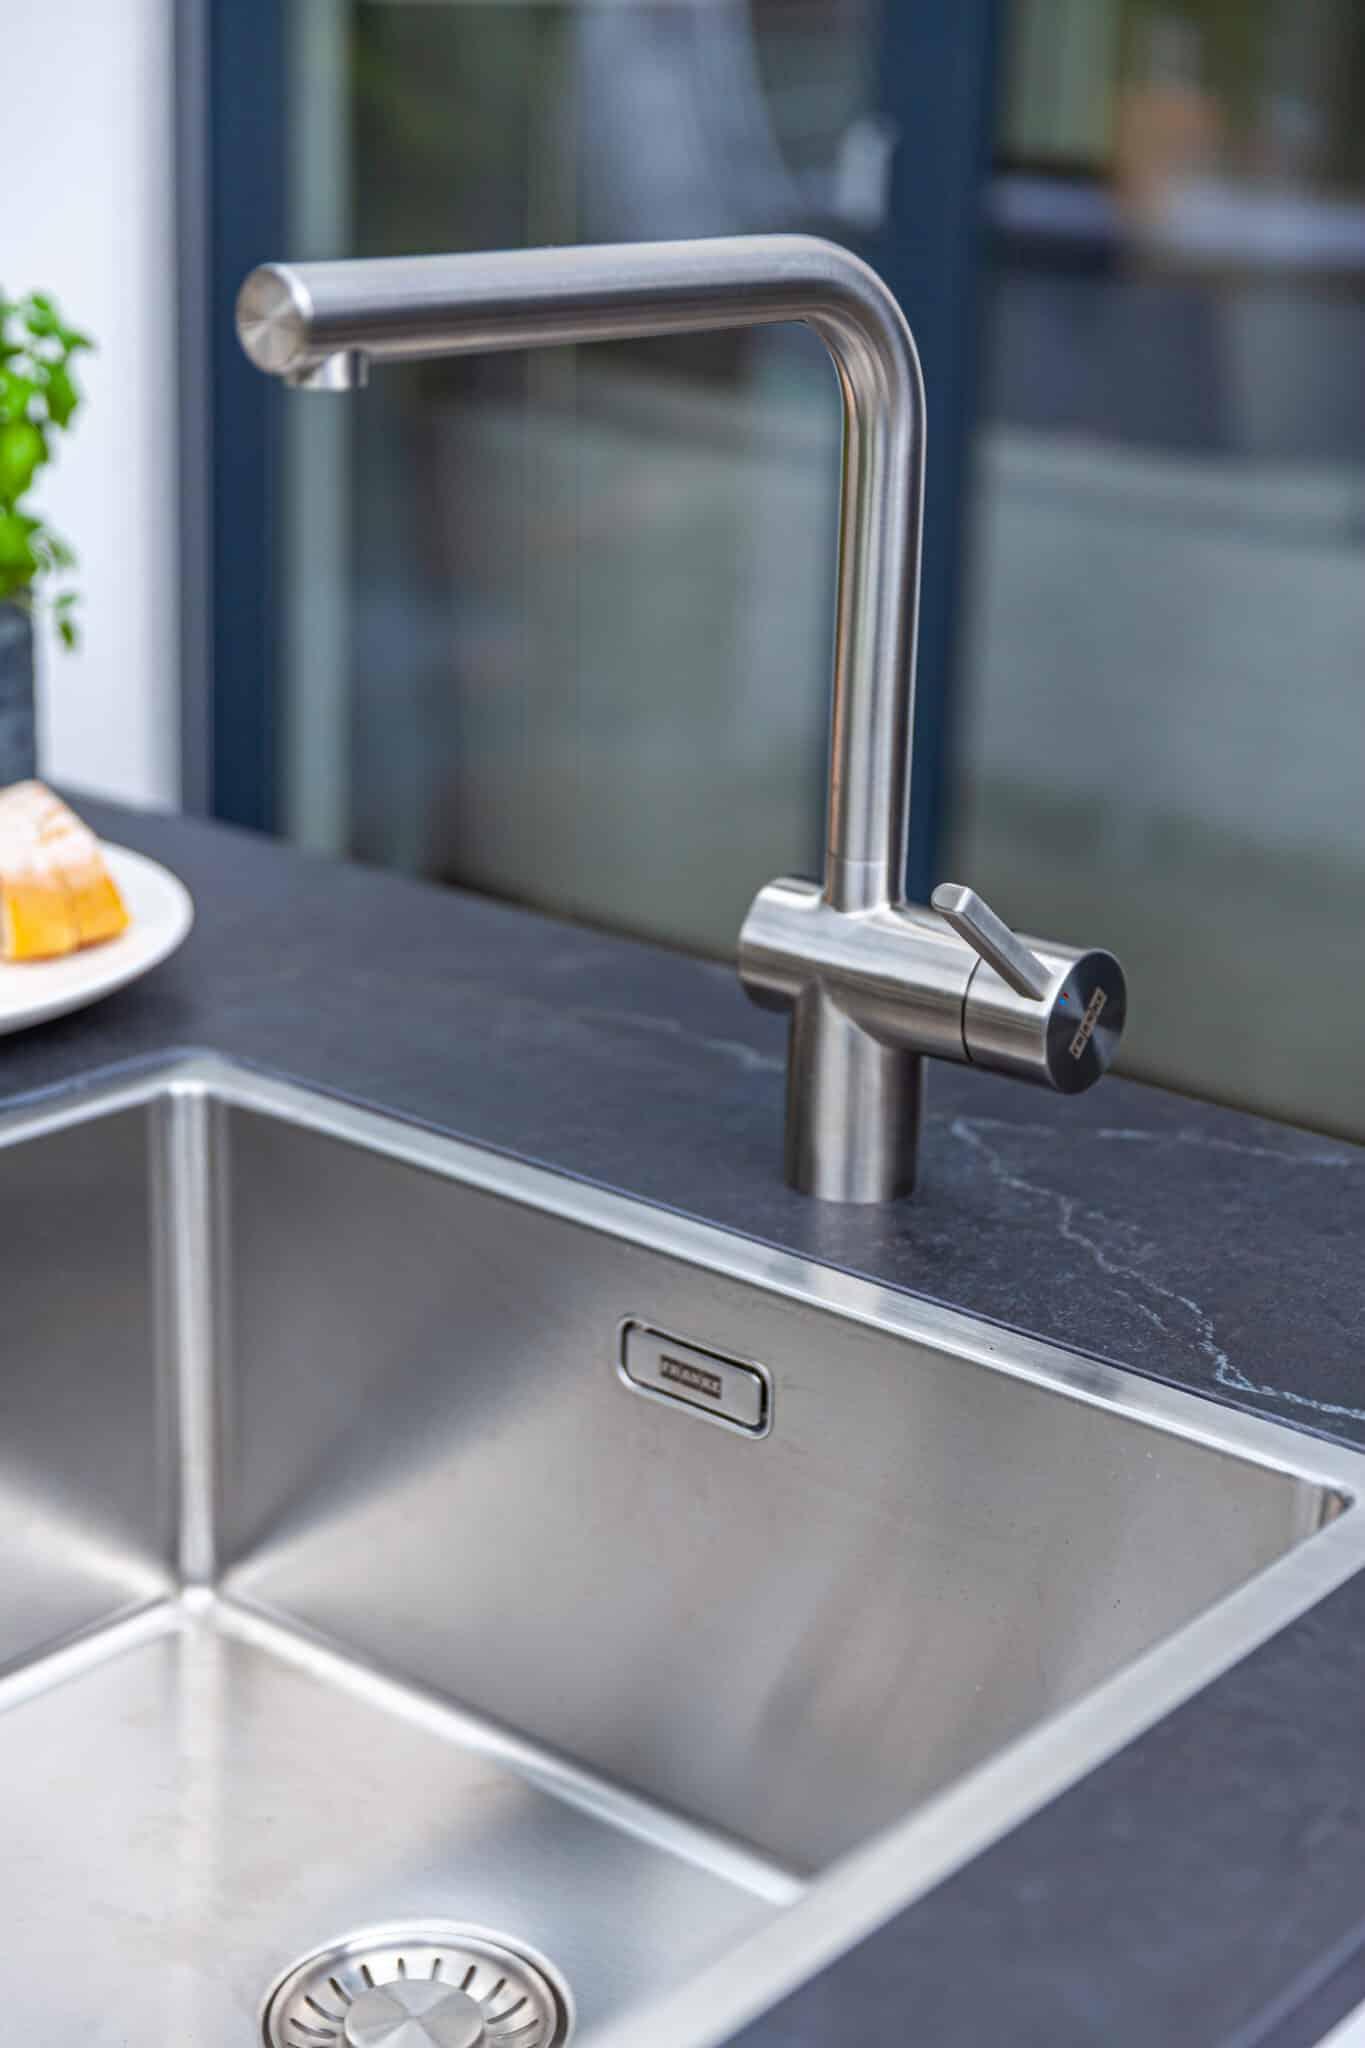 Exterior residential kitchen  - Belmento 4 57